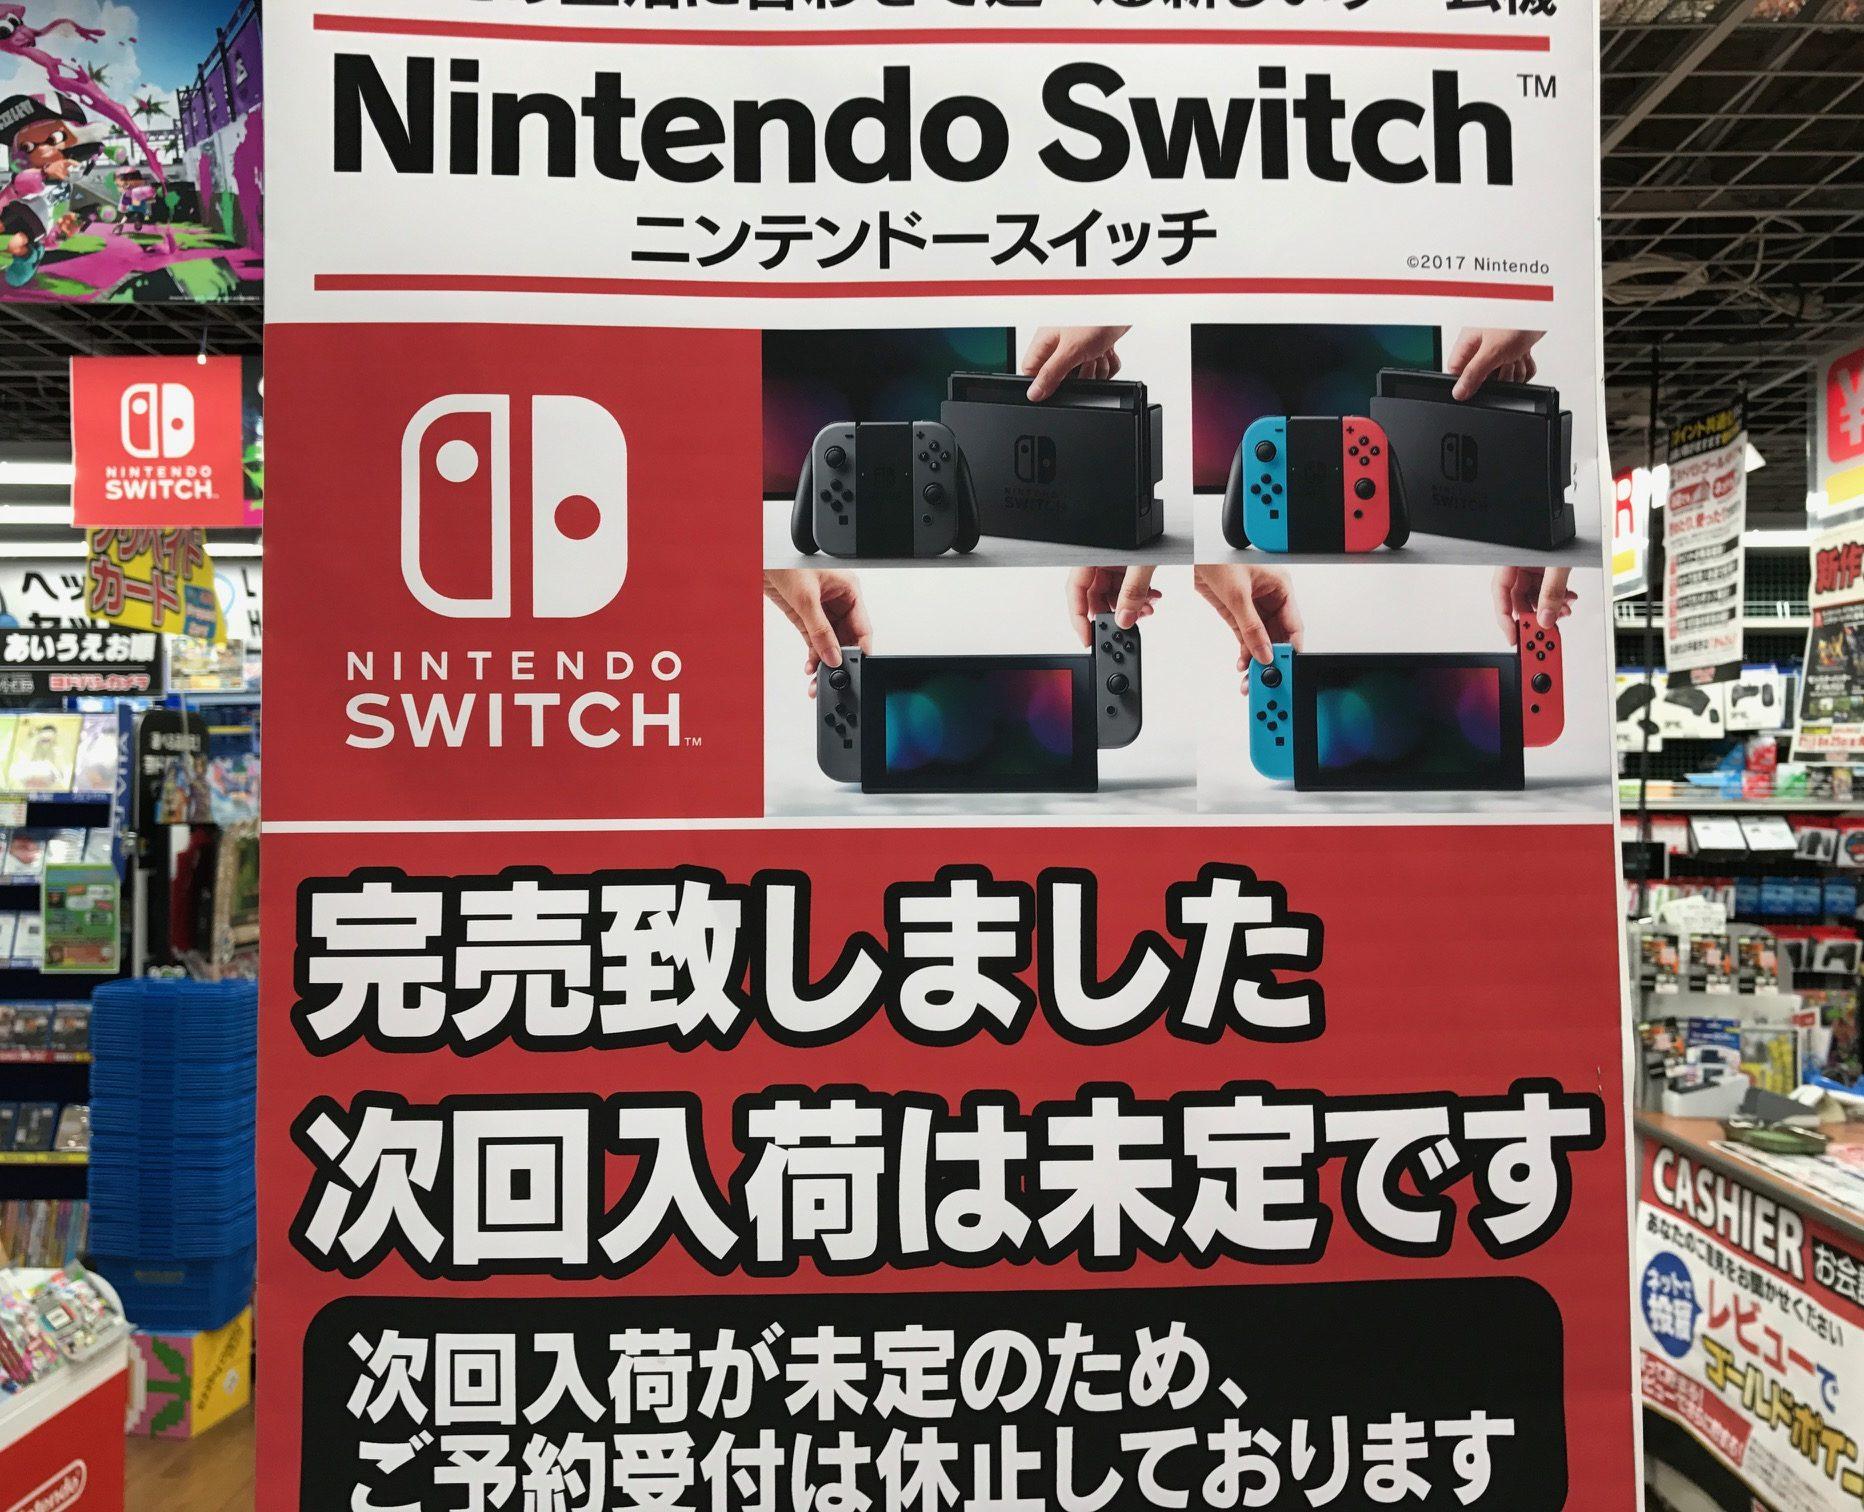 ネット switch イトーヨーカドー